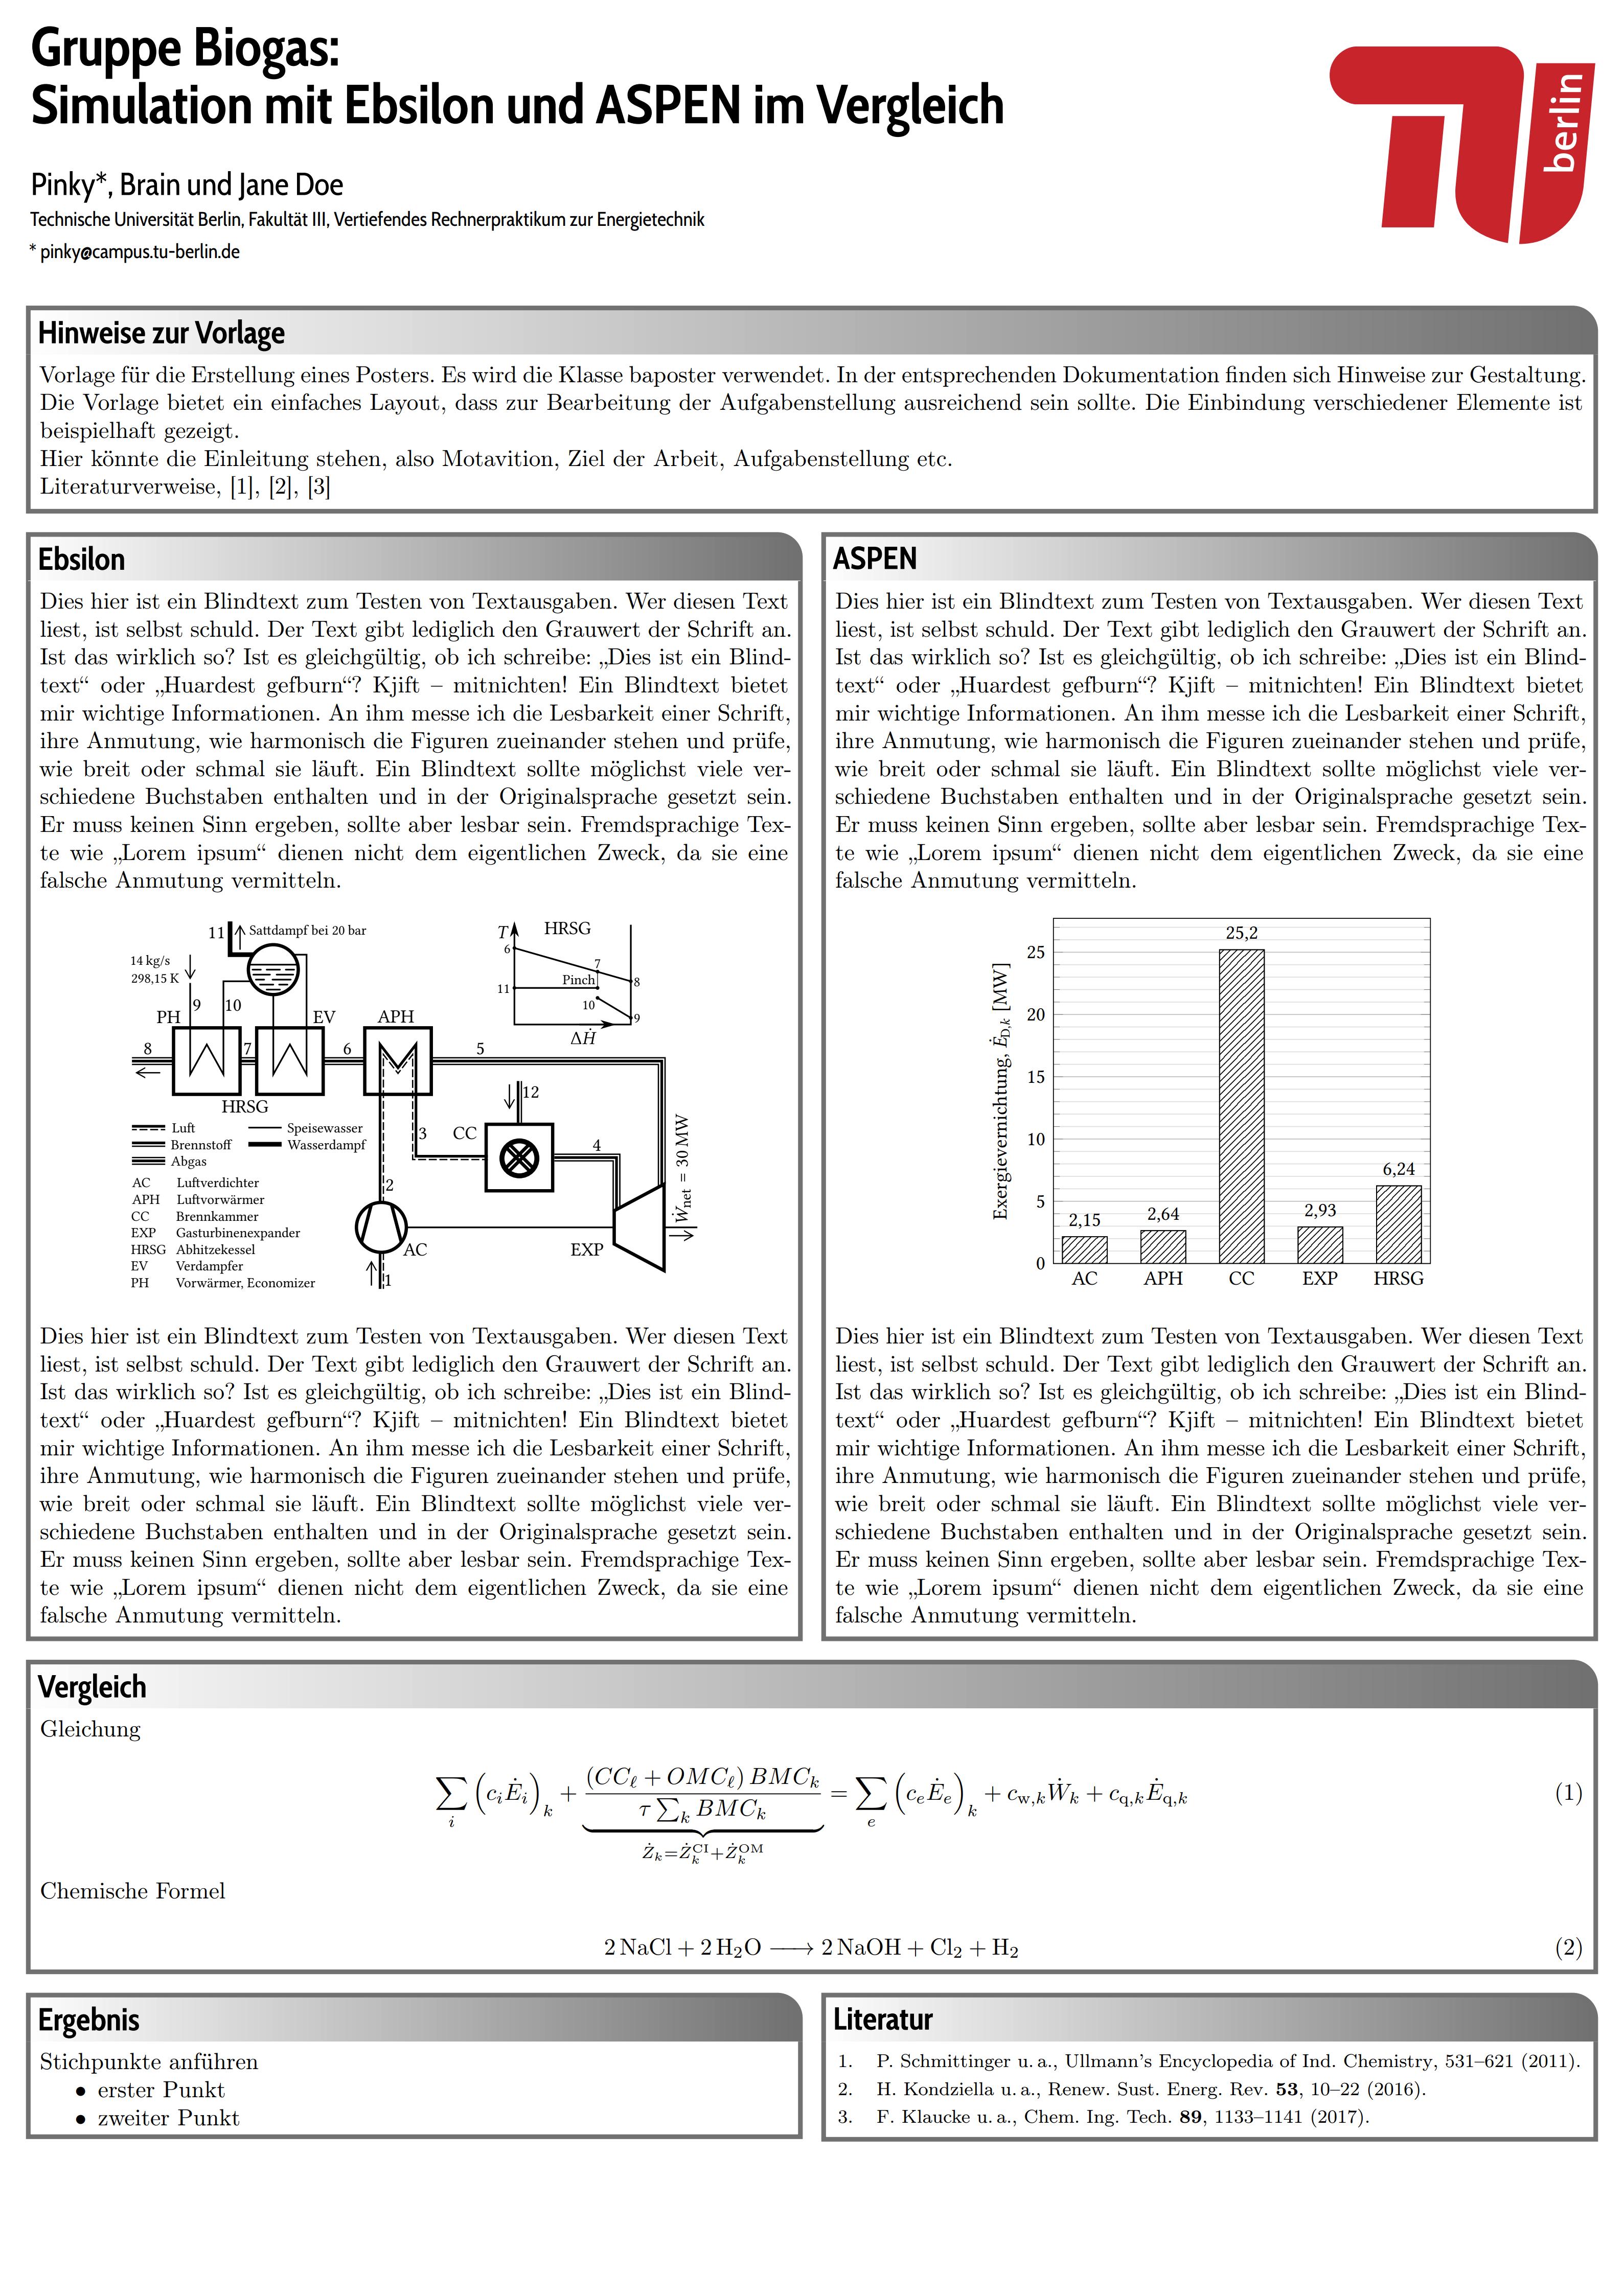 柏林工业大学环境专业课程科学海报模板